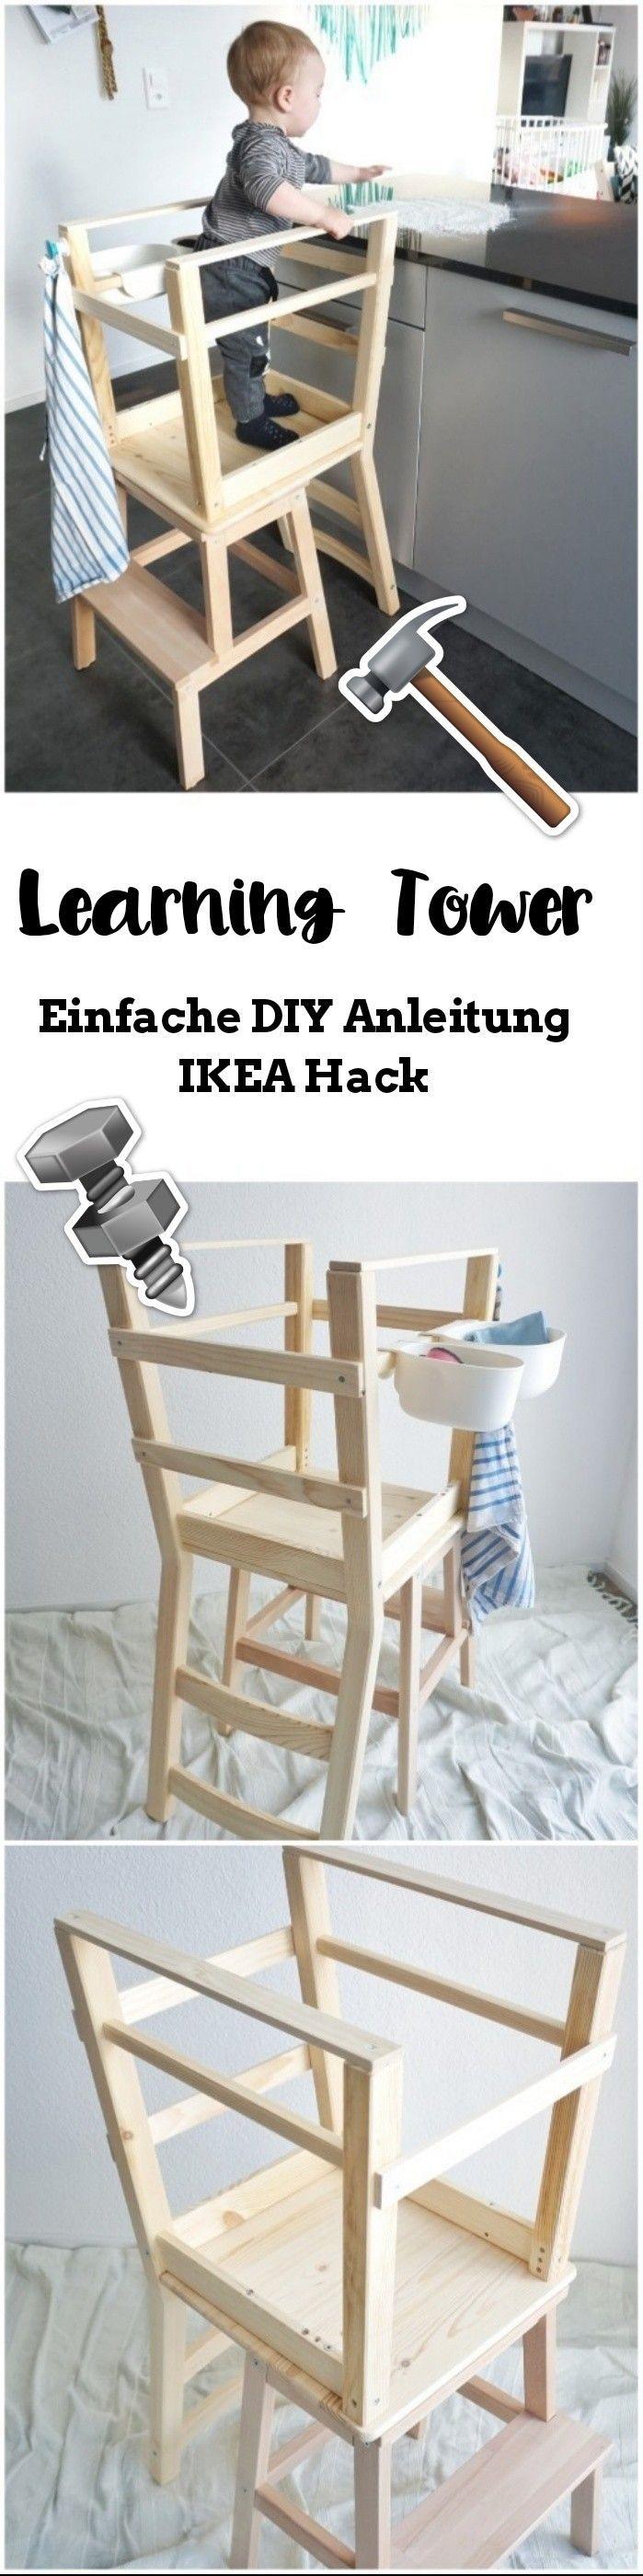 eine einfache learning tower lernturm bauanleiting aus den zwei ikea m bel bekv m und ivar. Black Bedroom Furniture Sets. Home Design Ideas